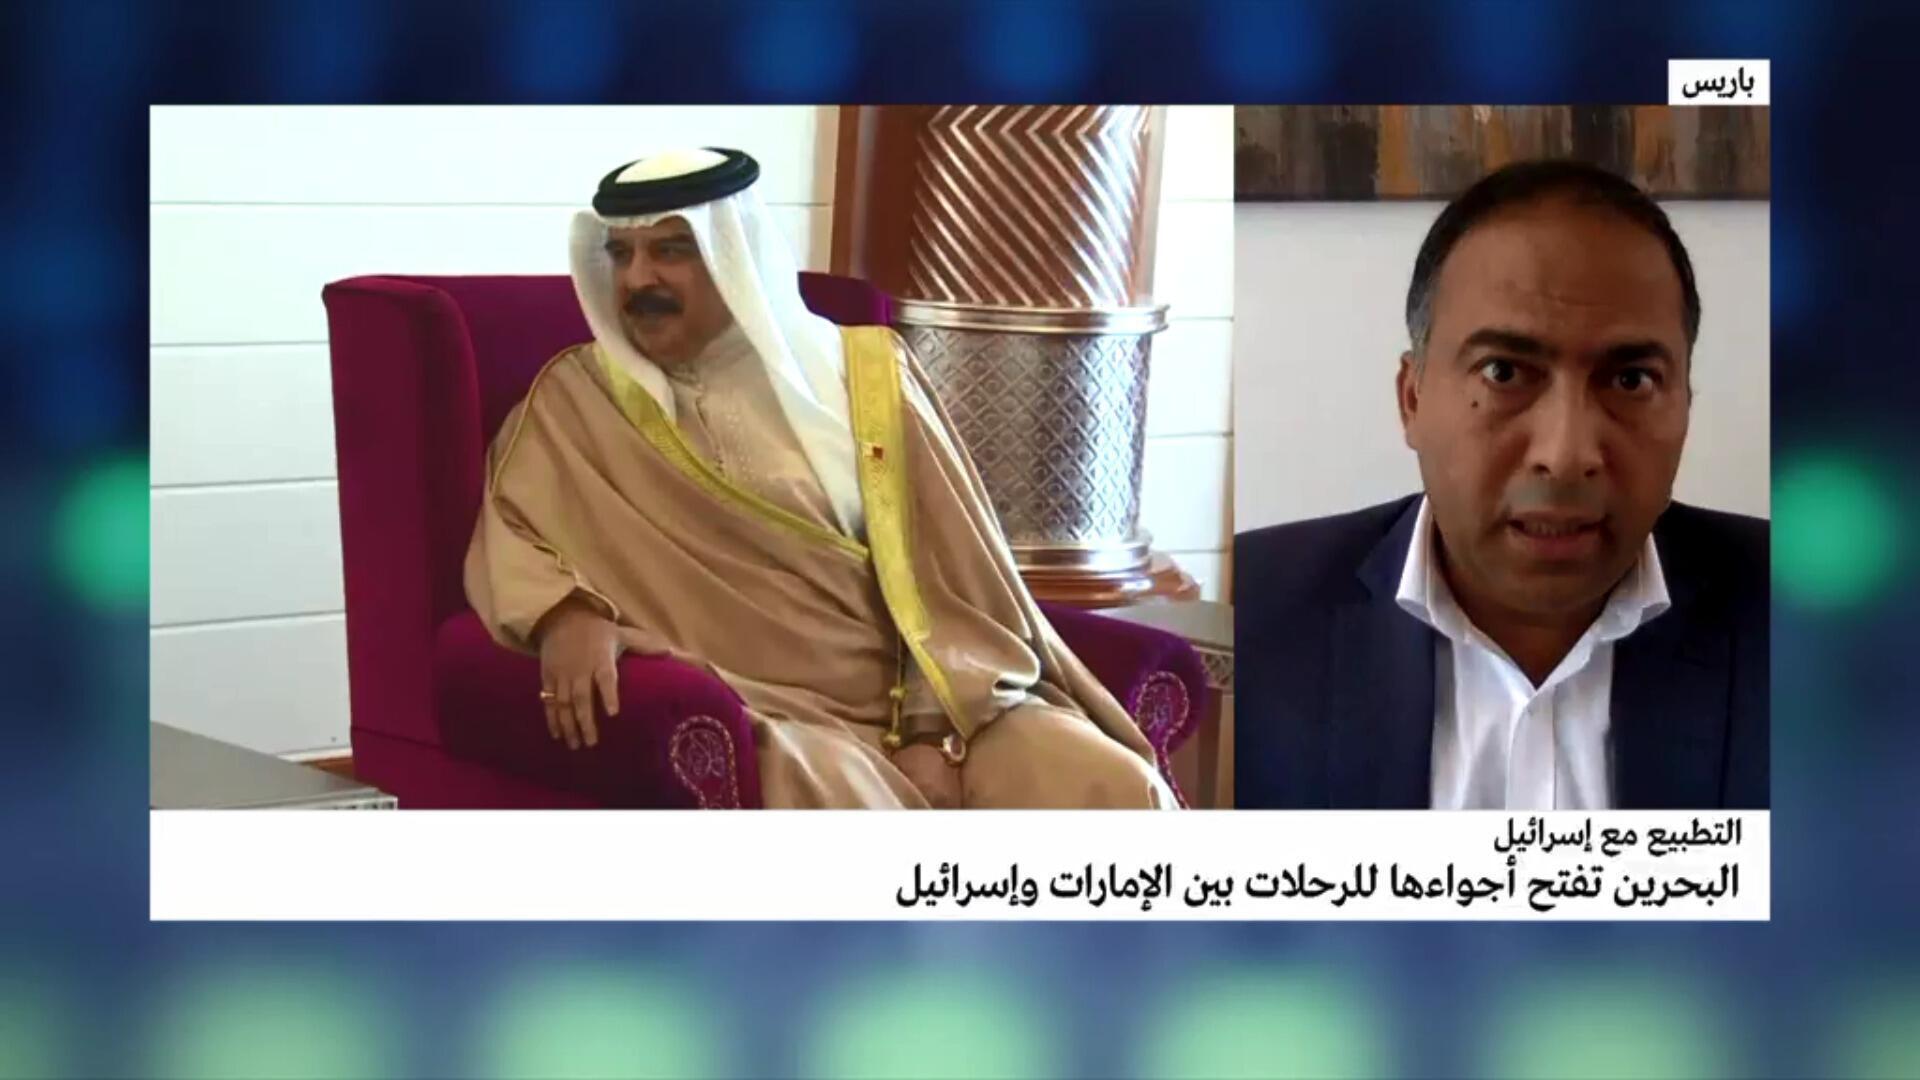 مداخلة الصحافي خالد الغرابلي بشأن قرار فتح البحرين حدودها الجوية أمام الطائرات من وإلى إسرائيل والإمارات